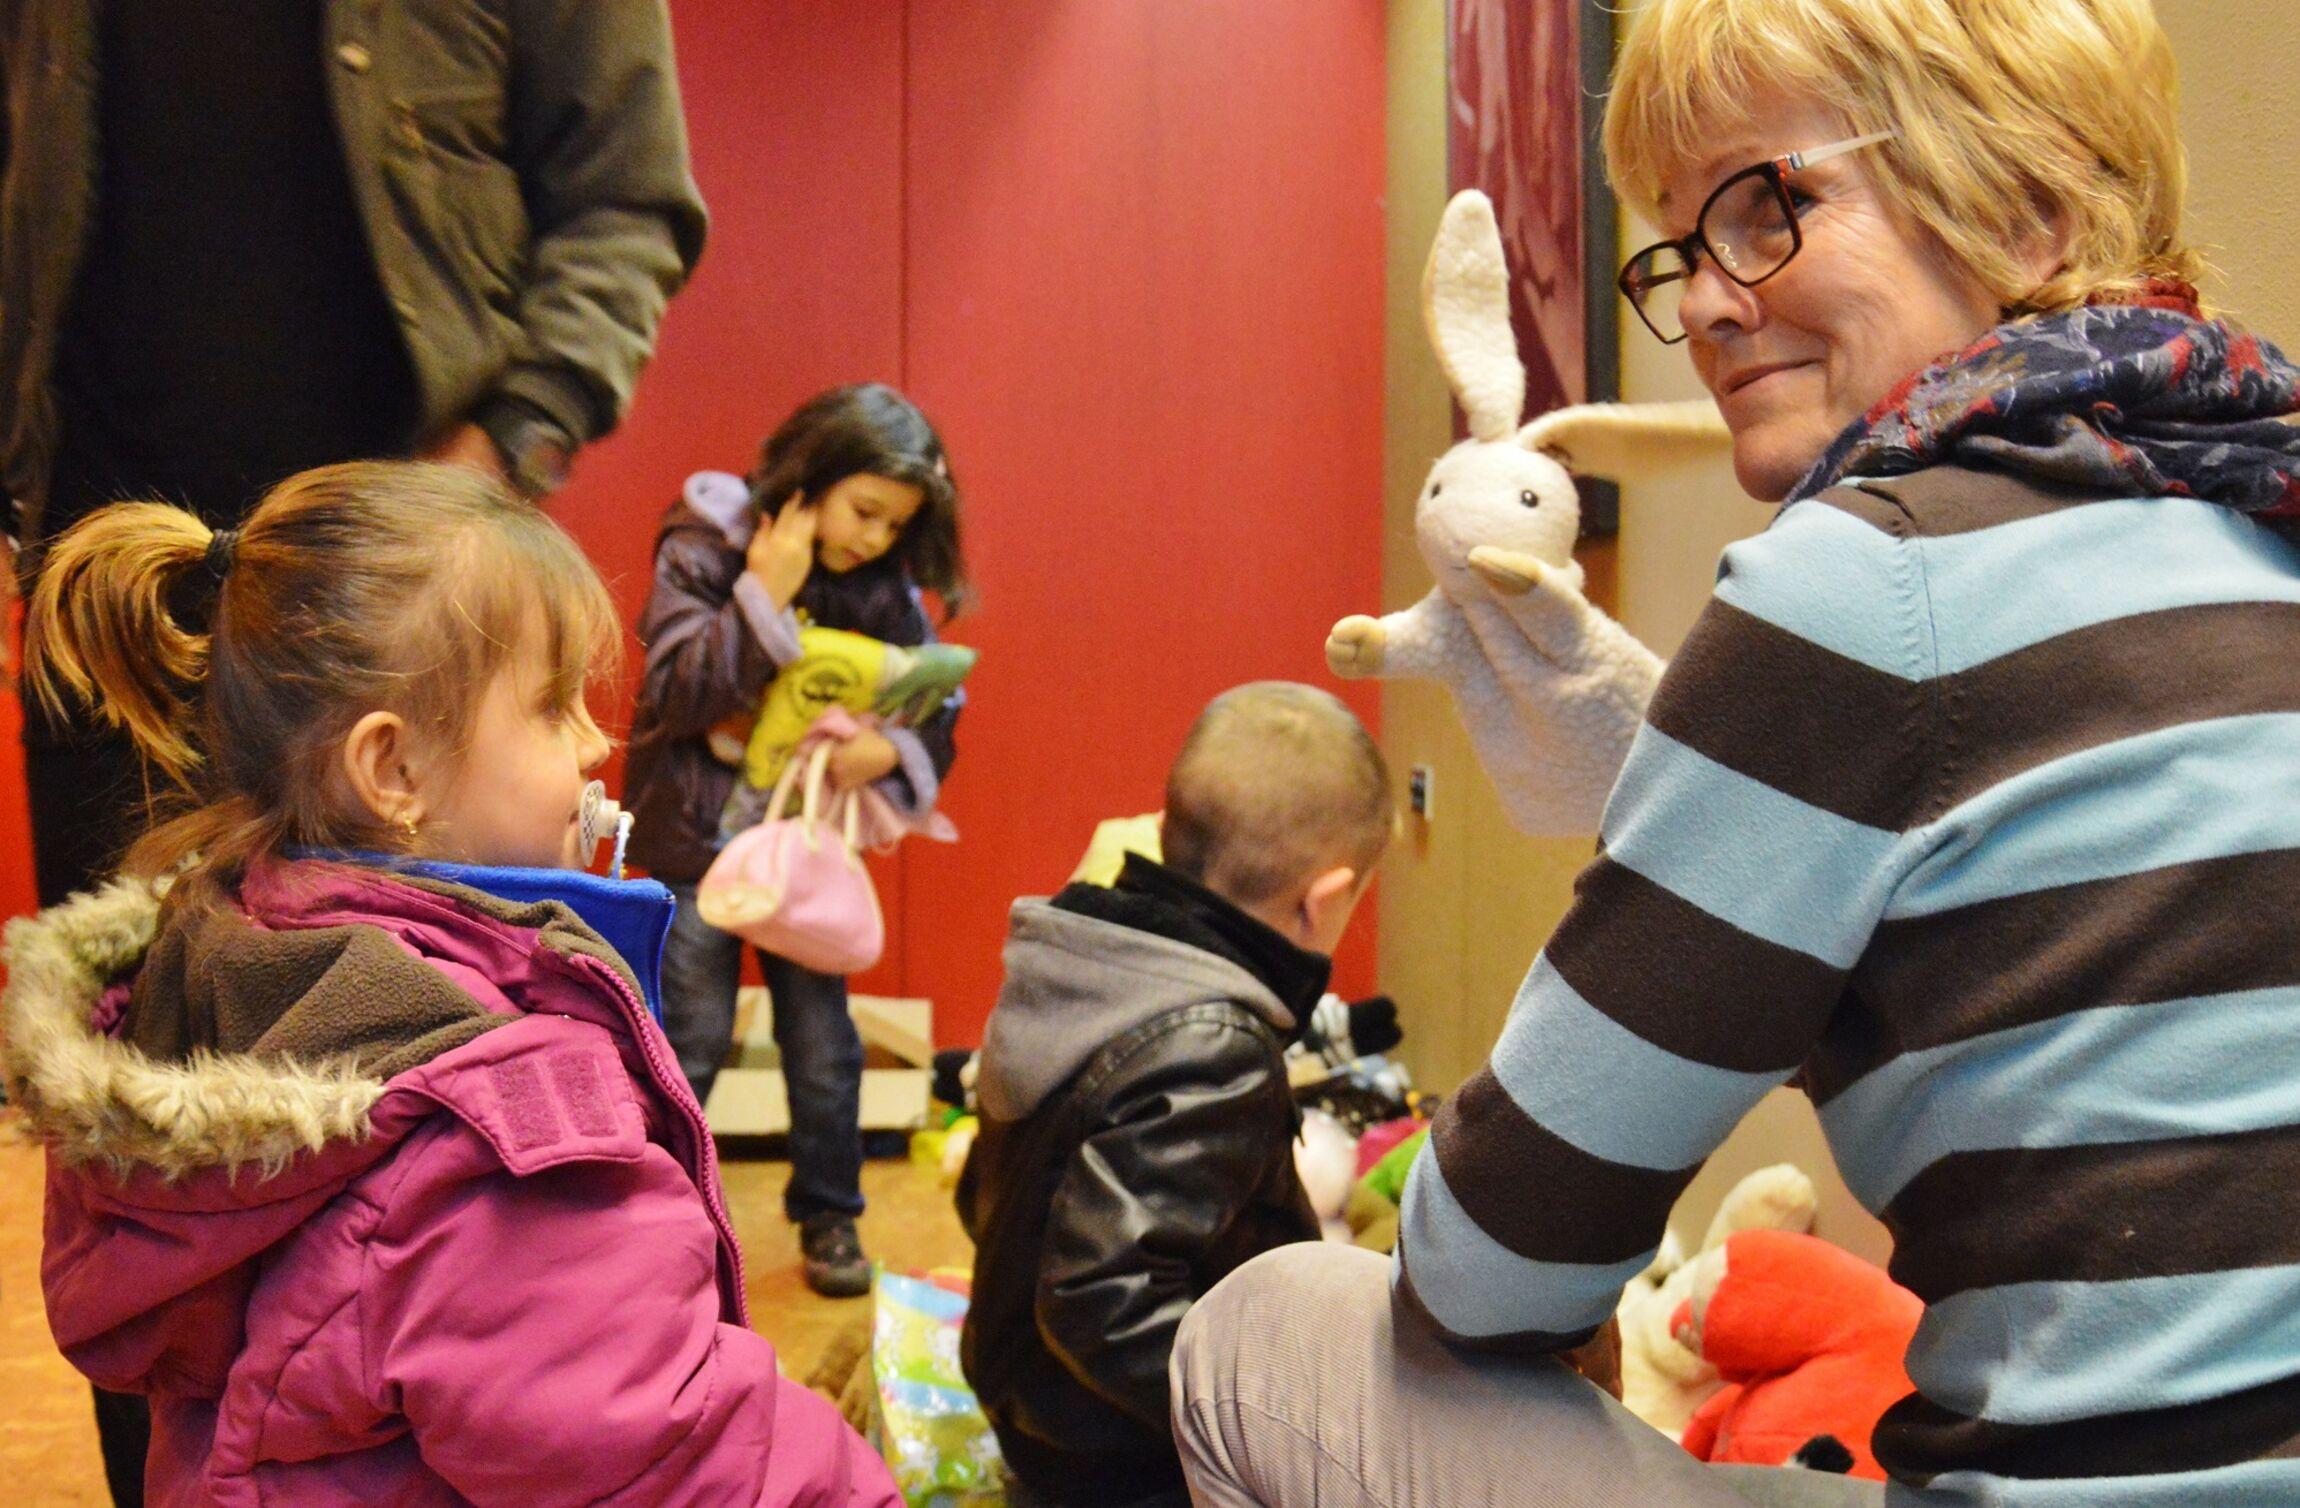 Die Kinder interessierten sich mehr für das Spielzeug als für die Kleidung